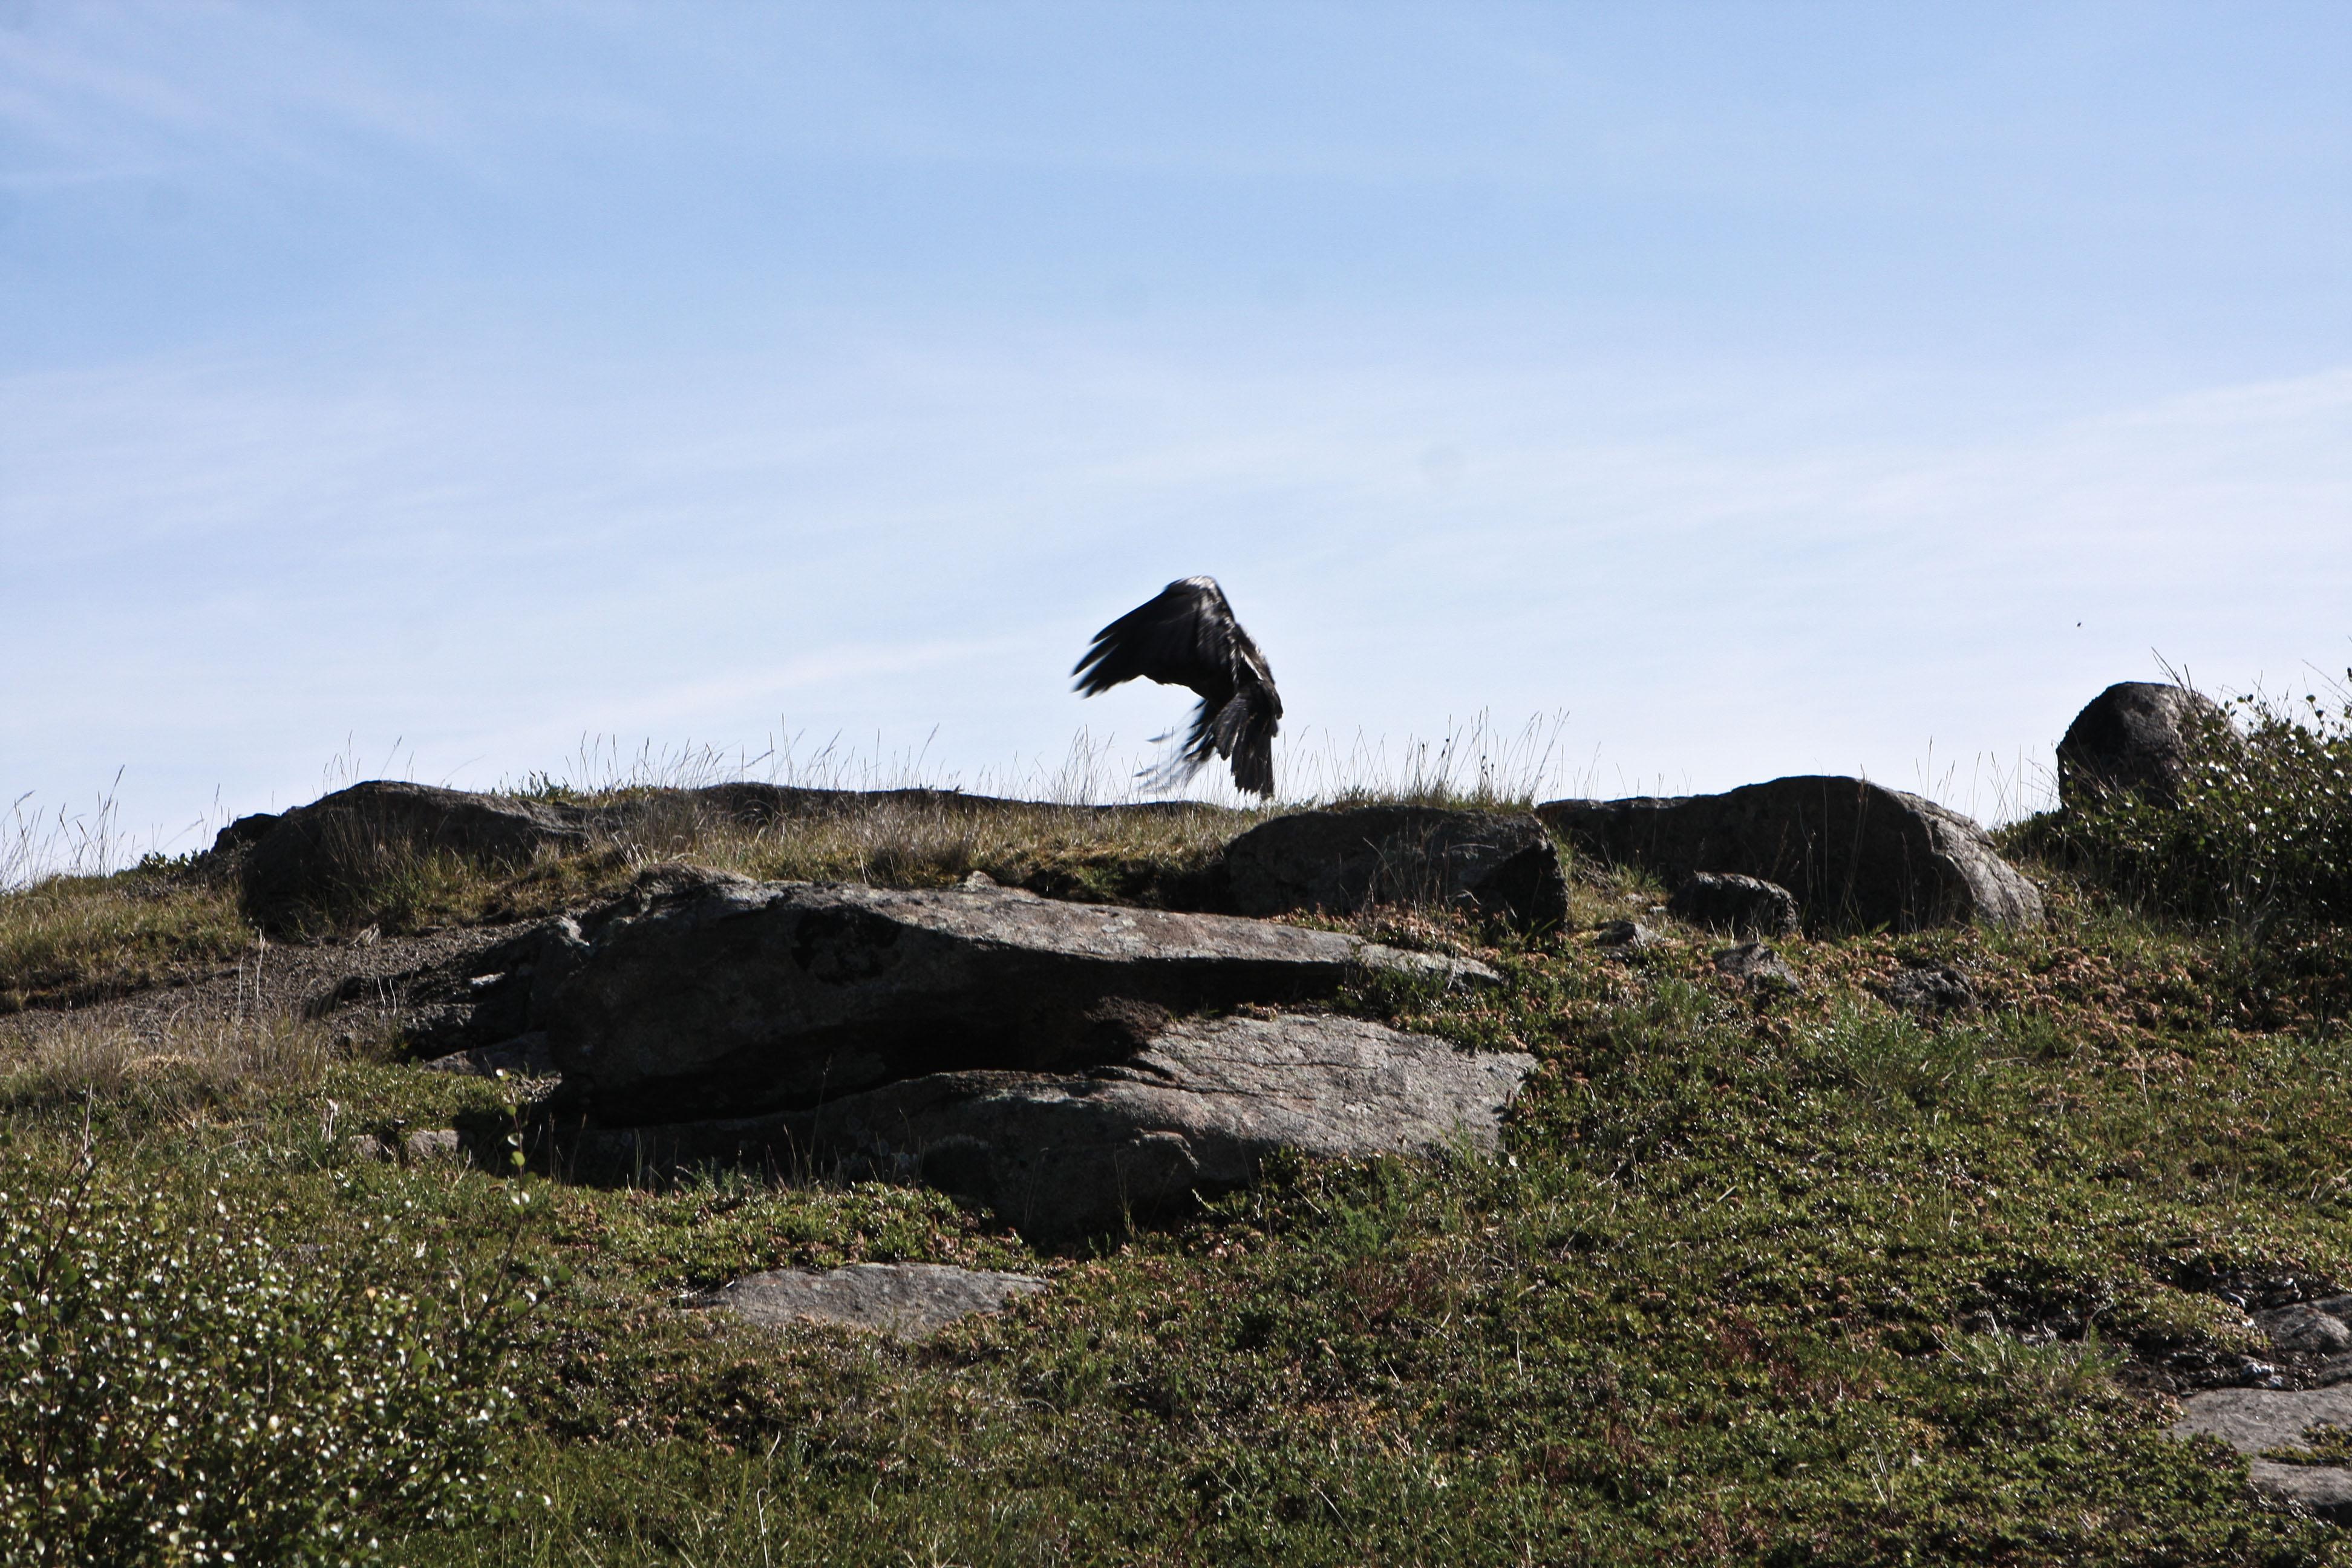 Le vol du corbeau - Kuujjuaq